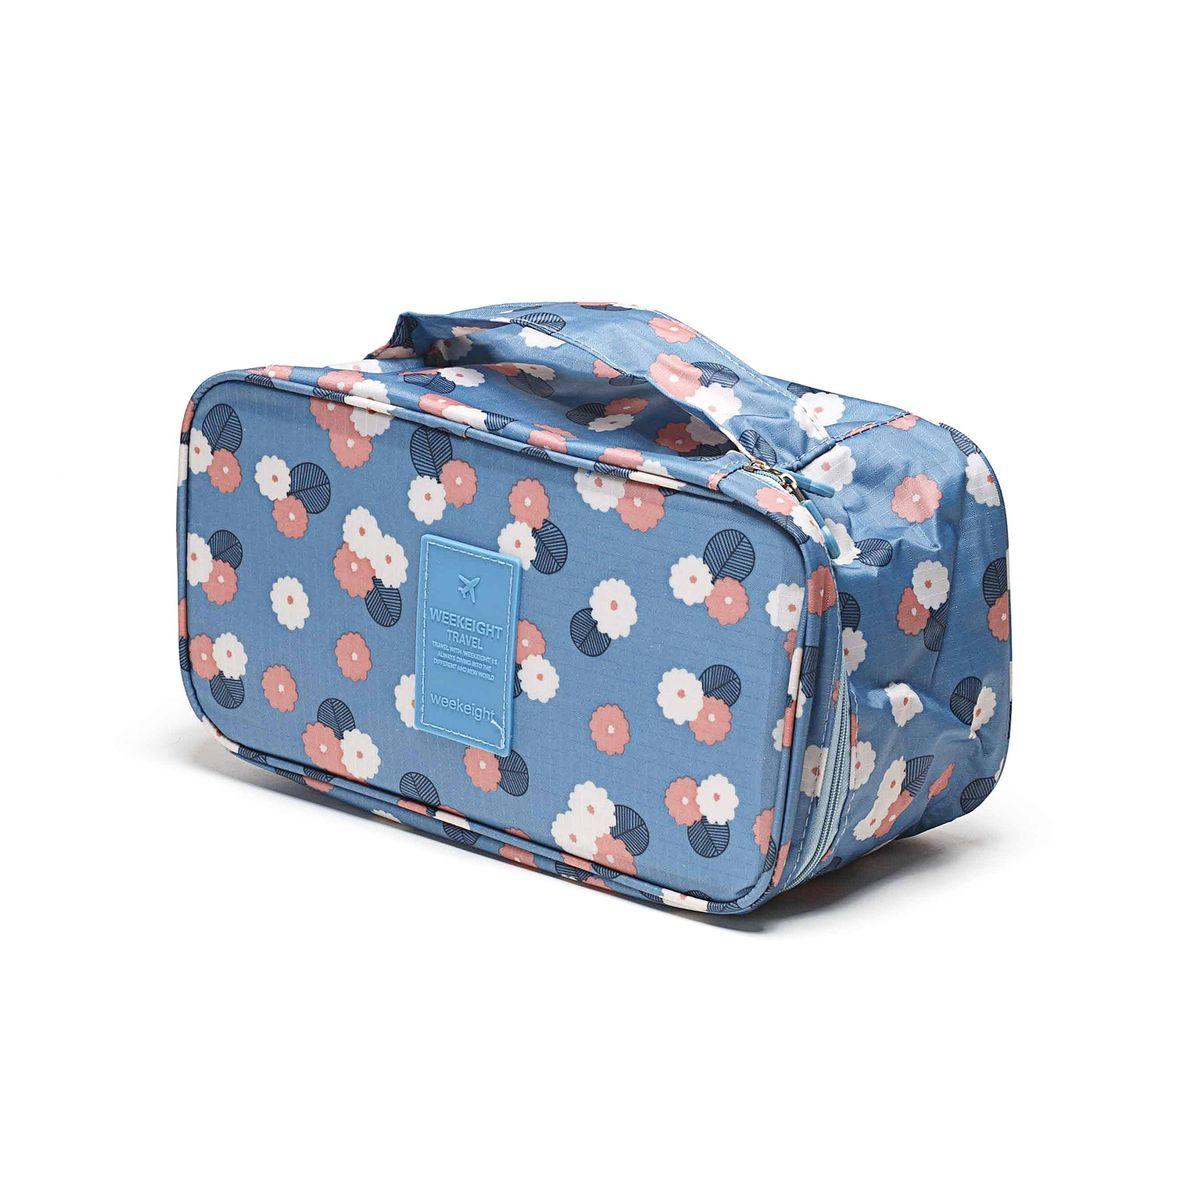 Косметичка-органайзер Homsu Цветок, цвет: синий, белый, розовый, 28 x 13 x 15 смHOM-354Косметичка-органайзер Homsu Цветок выполнена из высококачественного полиэстера. Закрывается изделие на застежку-молнию. Внутри имеется 4 отделения для мелочей, а также дополнительная сумочка размером 22 х 14 см, которая крепится к косметичке посредством липучки и надежно защищает ваши вещи за счет удобной молнии. Теперь вы сможете всегда брать с собой все, что вам может понадобиться. Сверху органайзера имеется ручка для удобной переноски. Косметичка-органайзер Homsu Цветок станет незаменимым аксессуаром для любой девушки. Размер косметички: 28 х 13 х 15 см. Размер сумочки: 22 х 14 см.